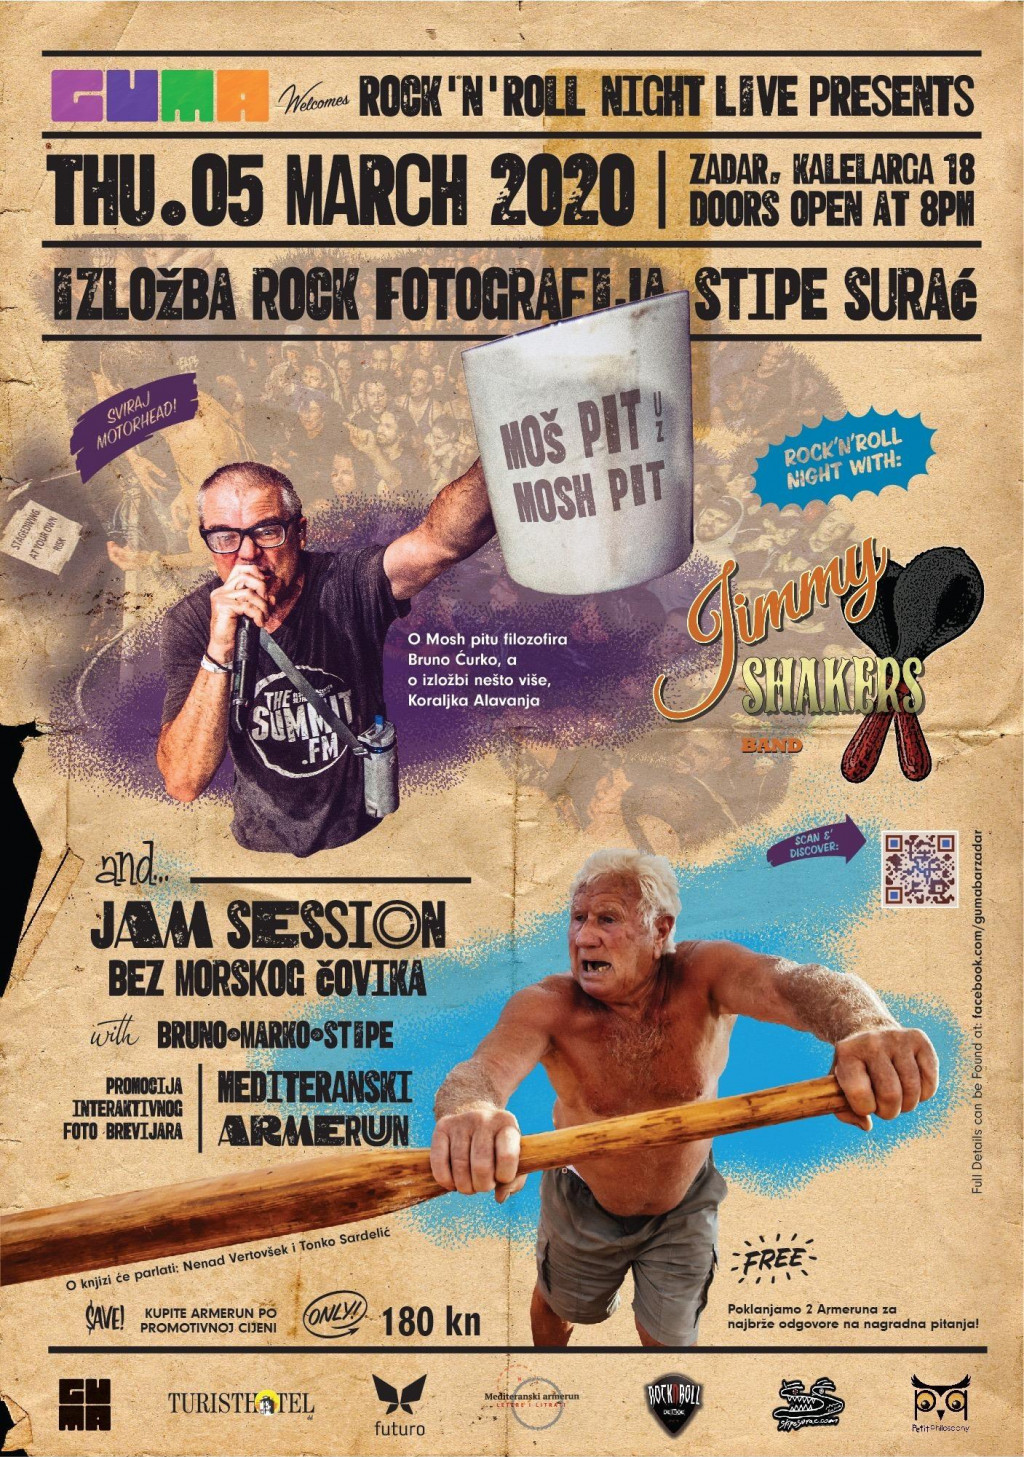 Plakat izložbe rock fotografija Stipe Suraća